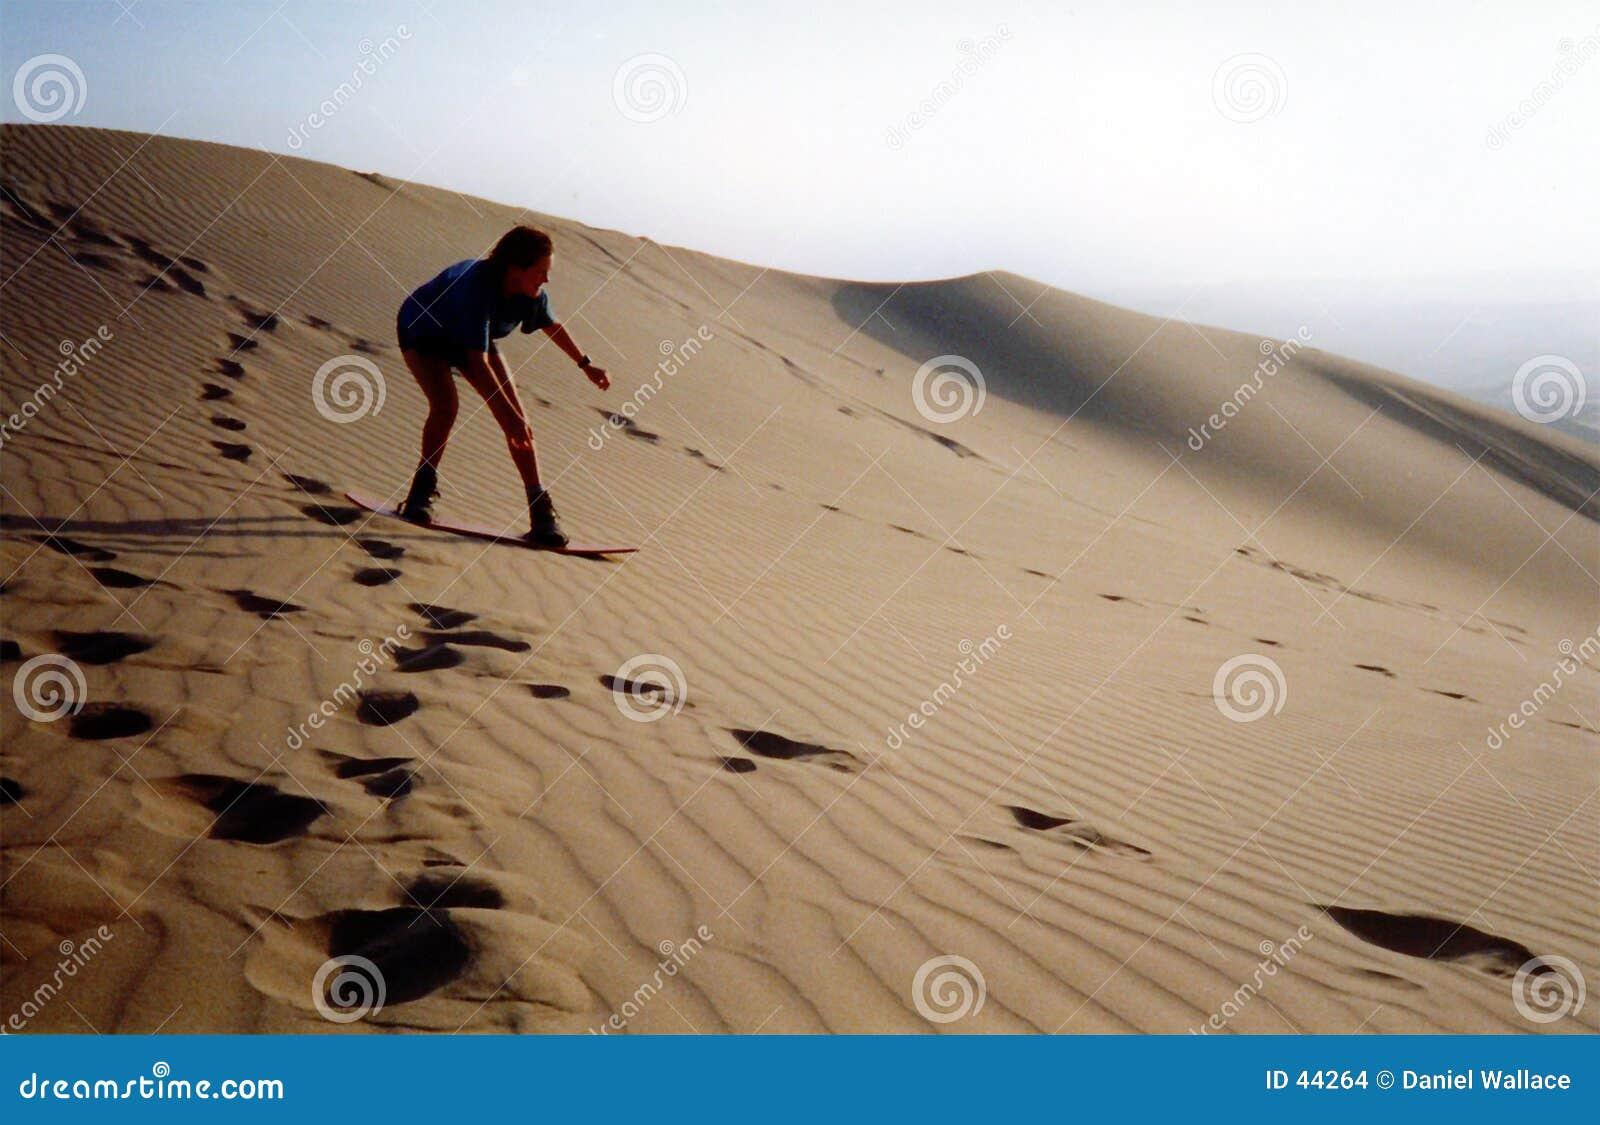 Download Montar las dunas foto de archivo. Imagen de disfrute, duna - 44264